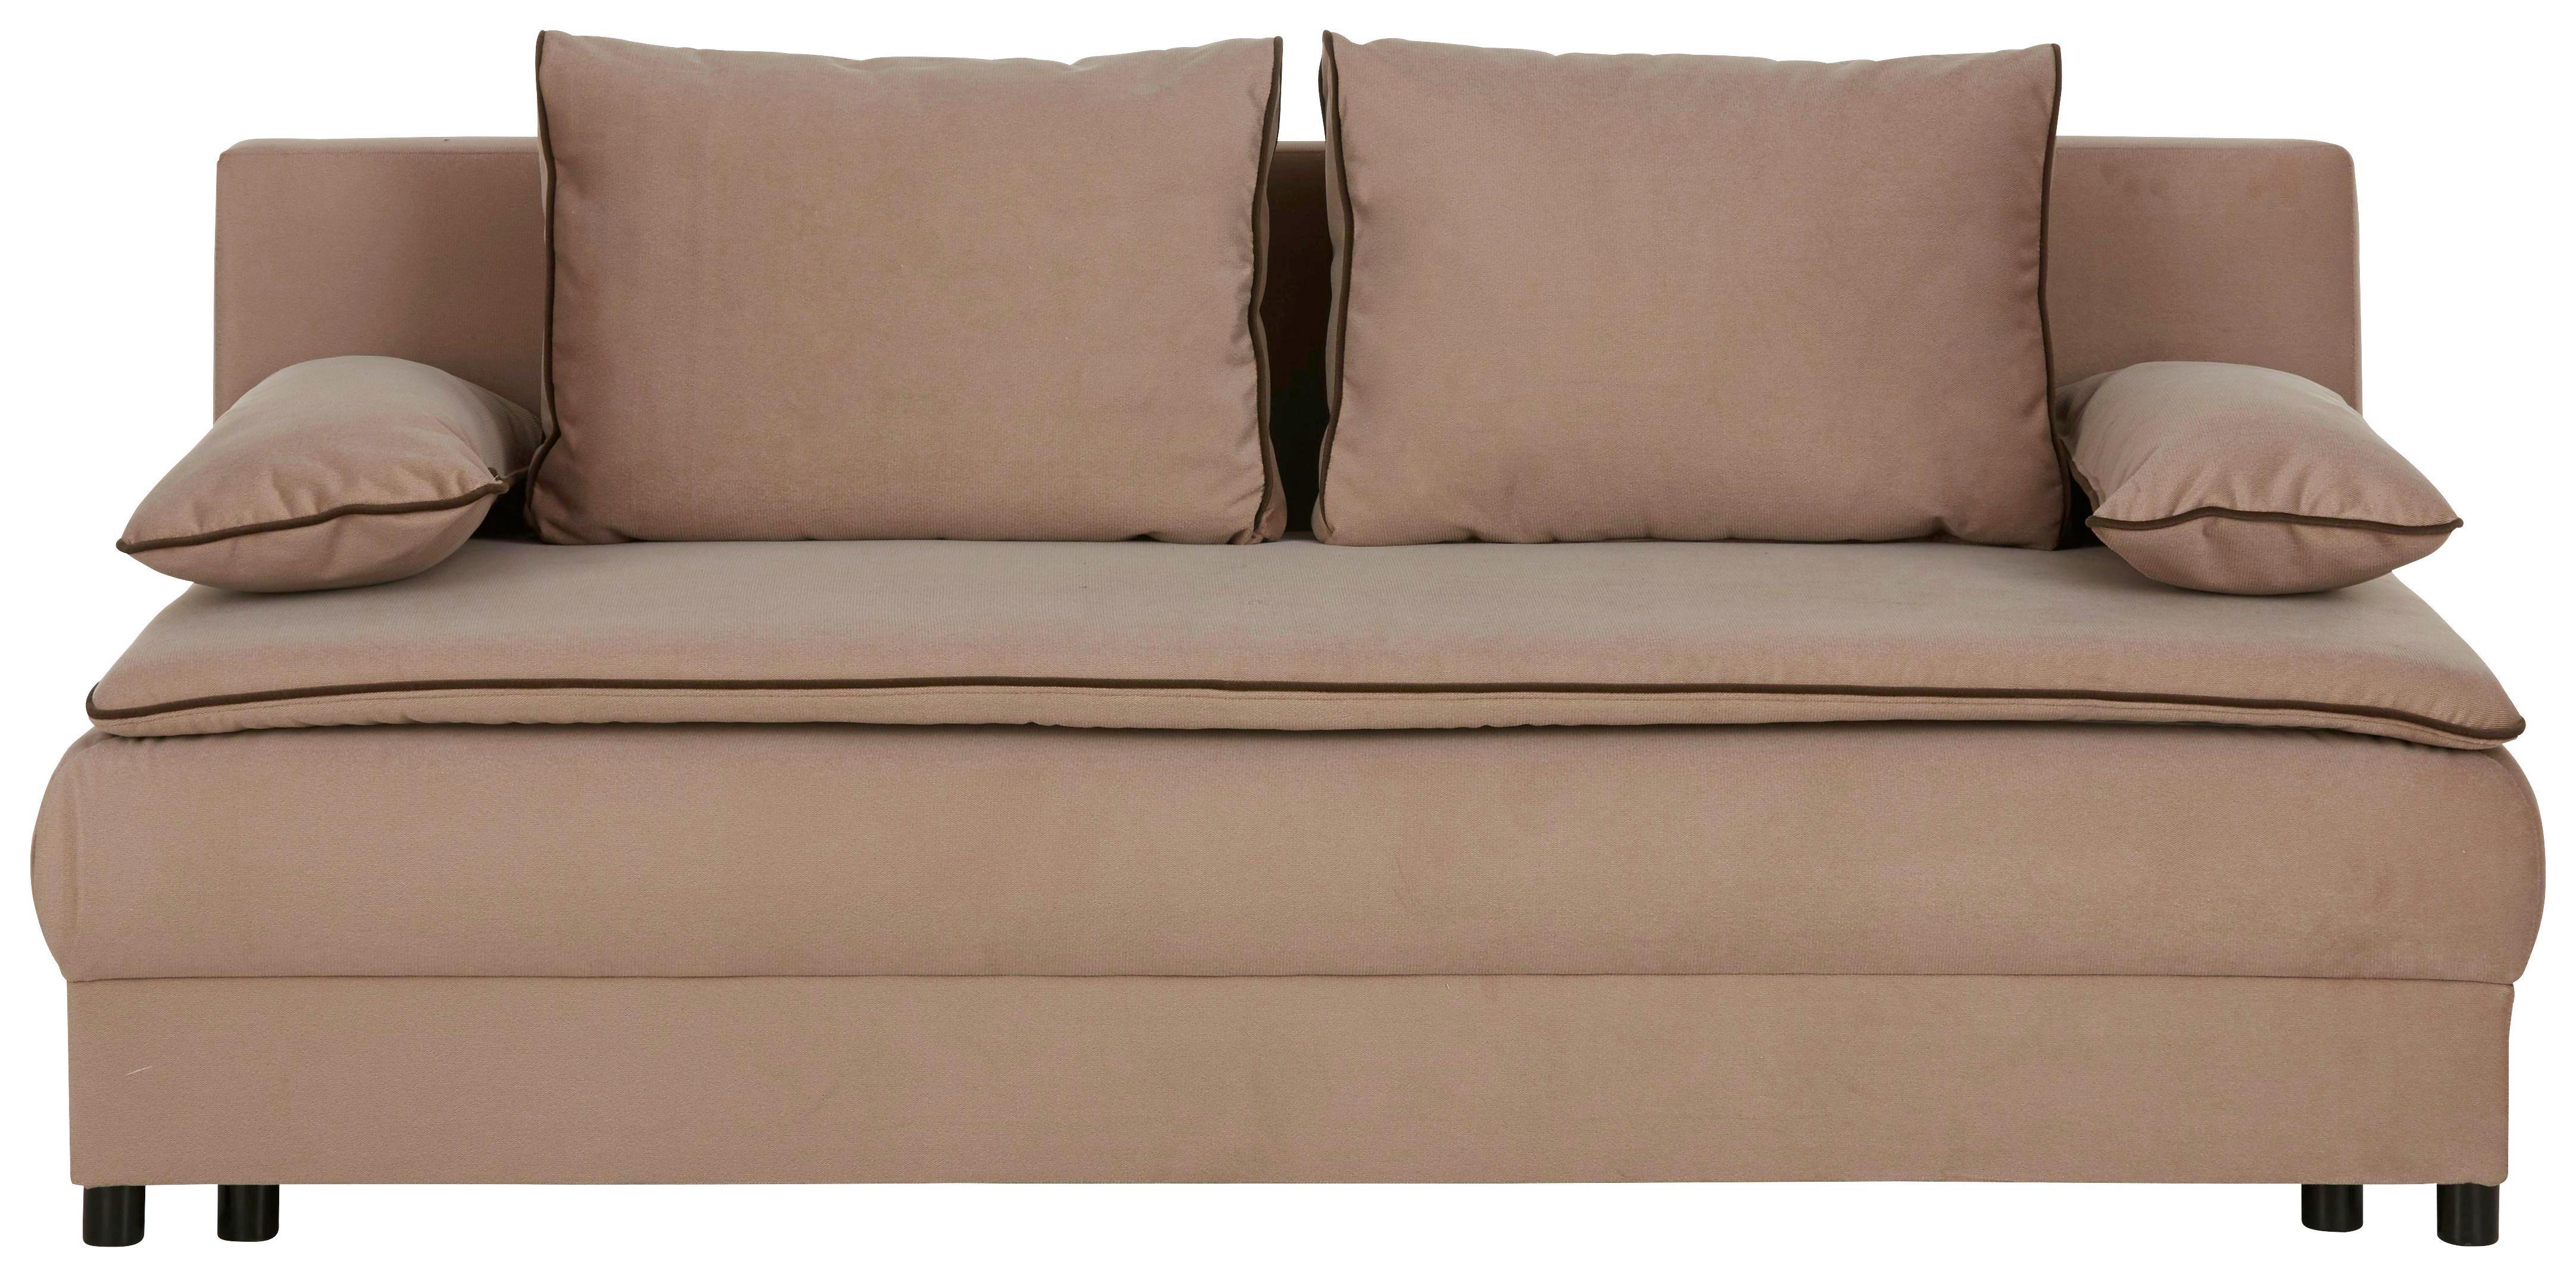 sofabett mit bettkasten free schlafsofa federkern schlafsofa mit bettkasten und federkern. Black Bedroom Furniture Sets. Home Design Ideas